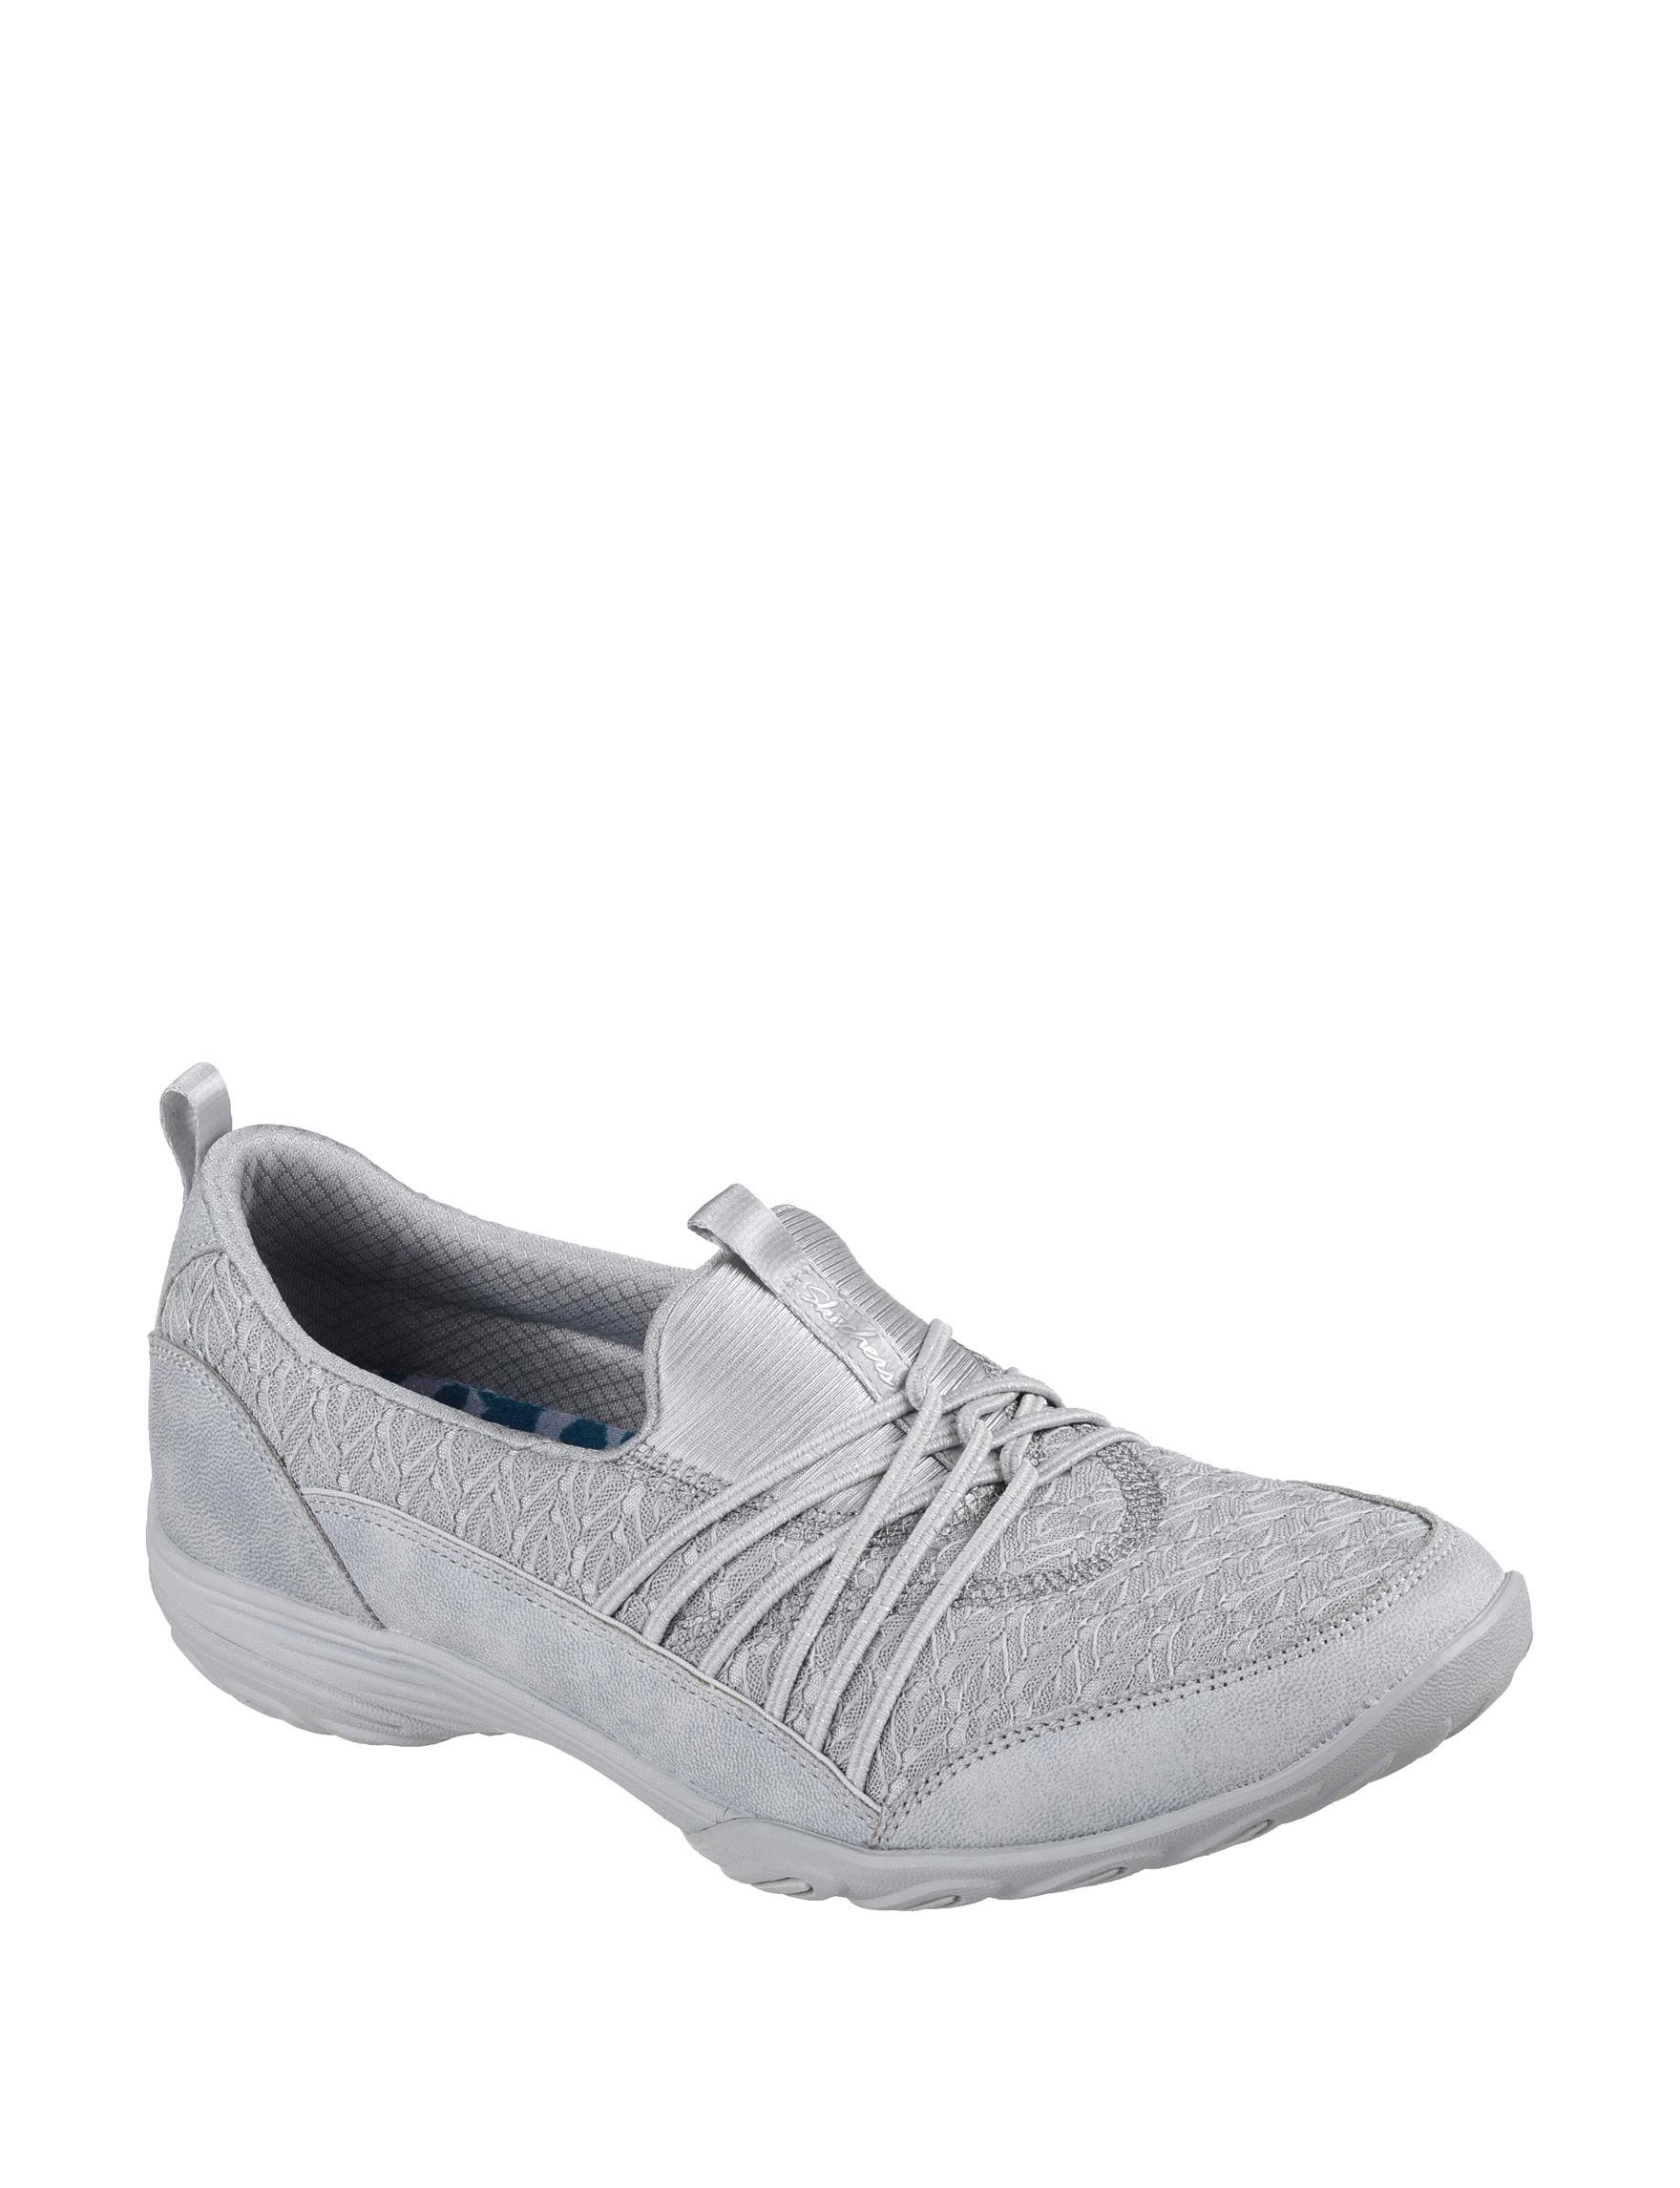 Skechers Light Grey Comfort